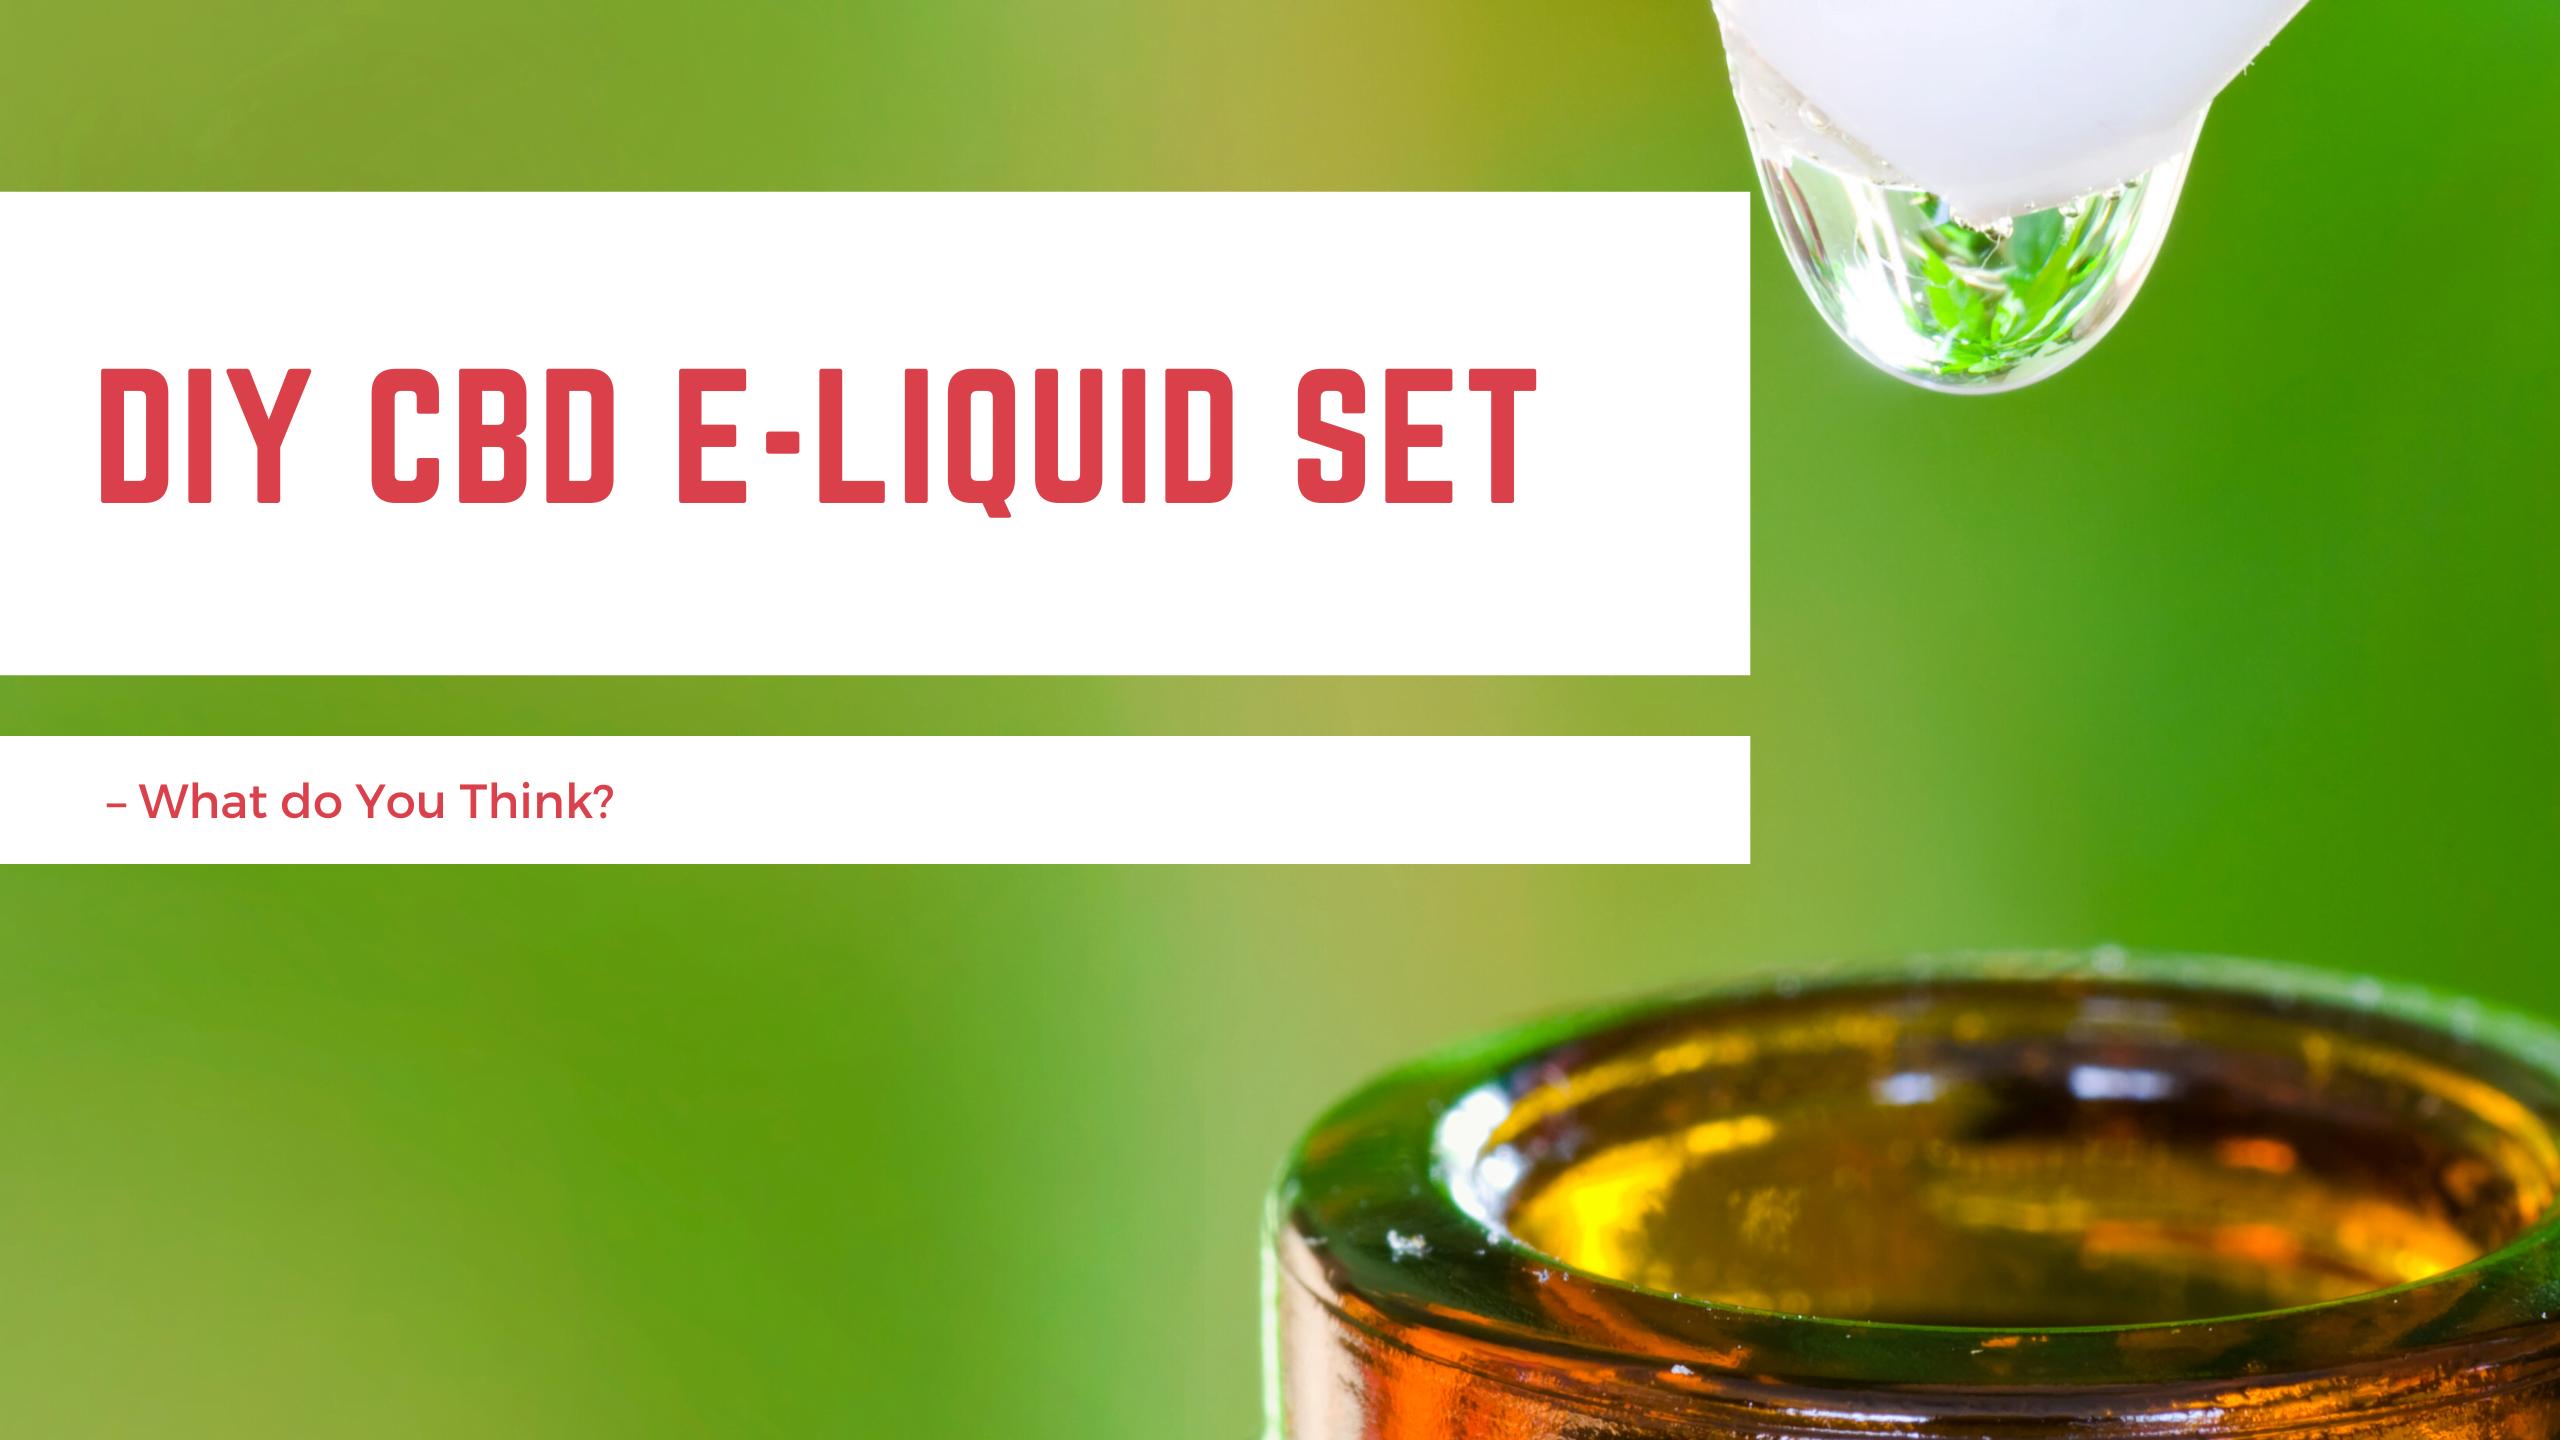 DIY CBD E-liquid set – What do You Think?